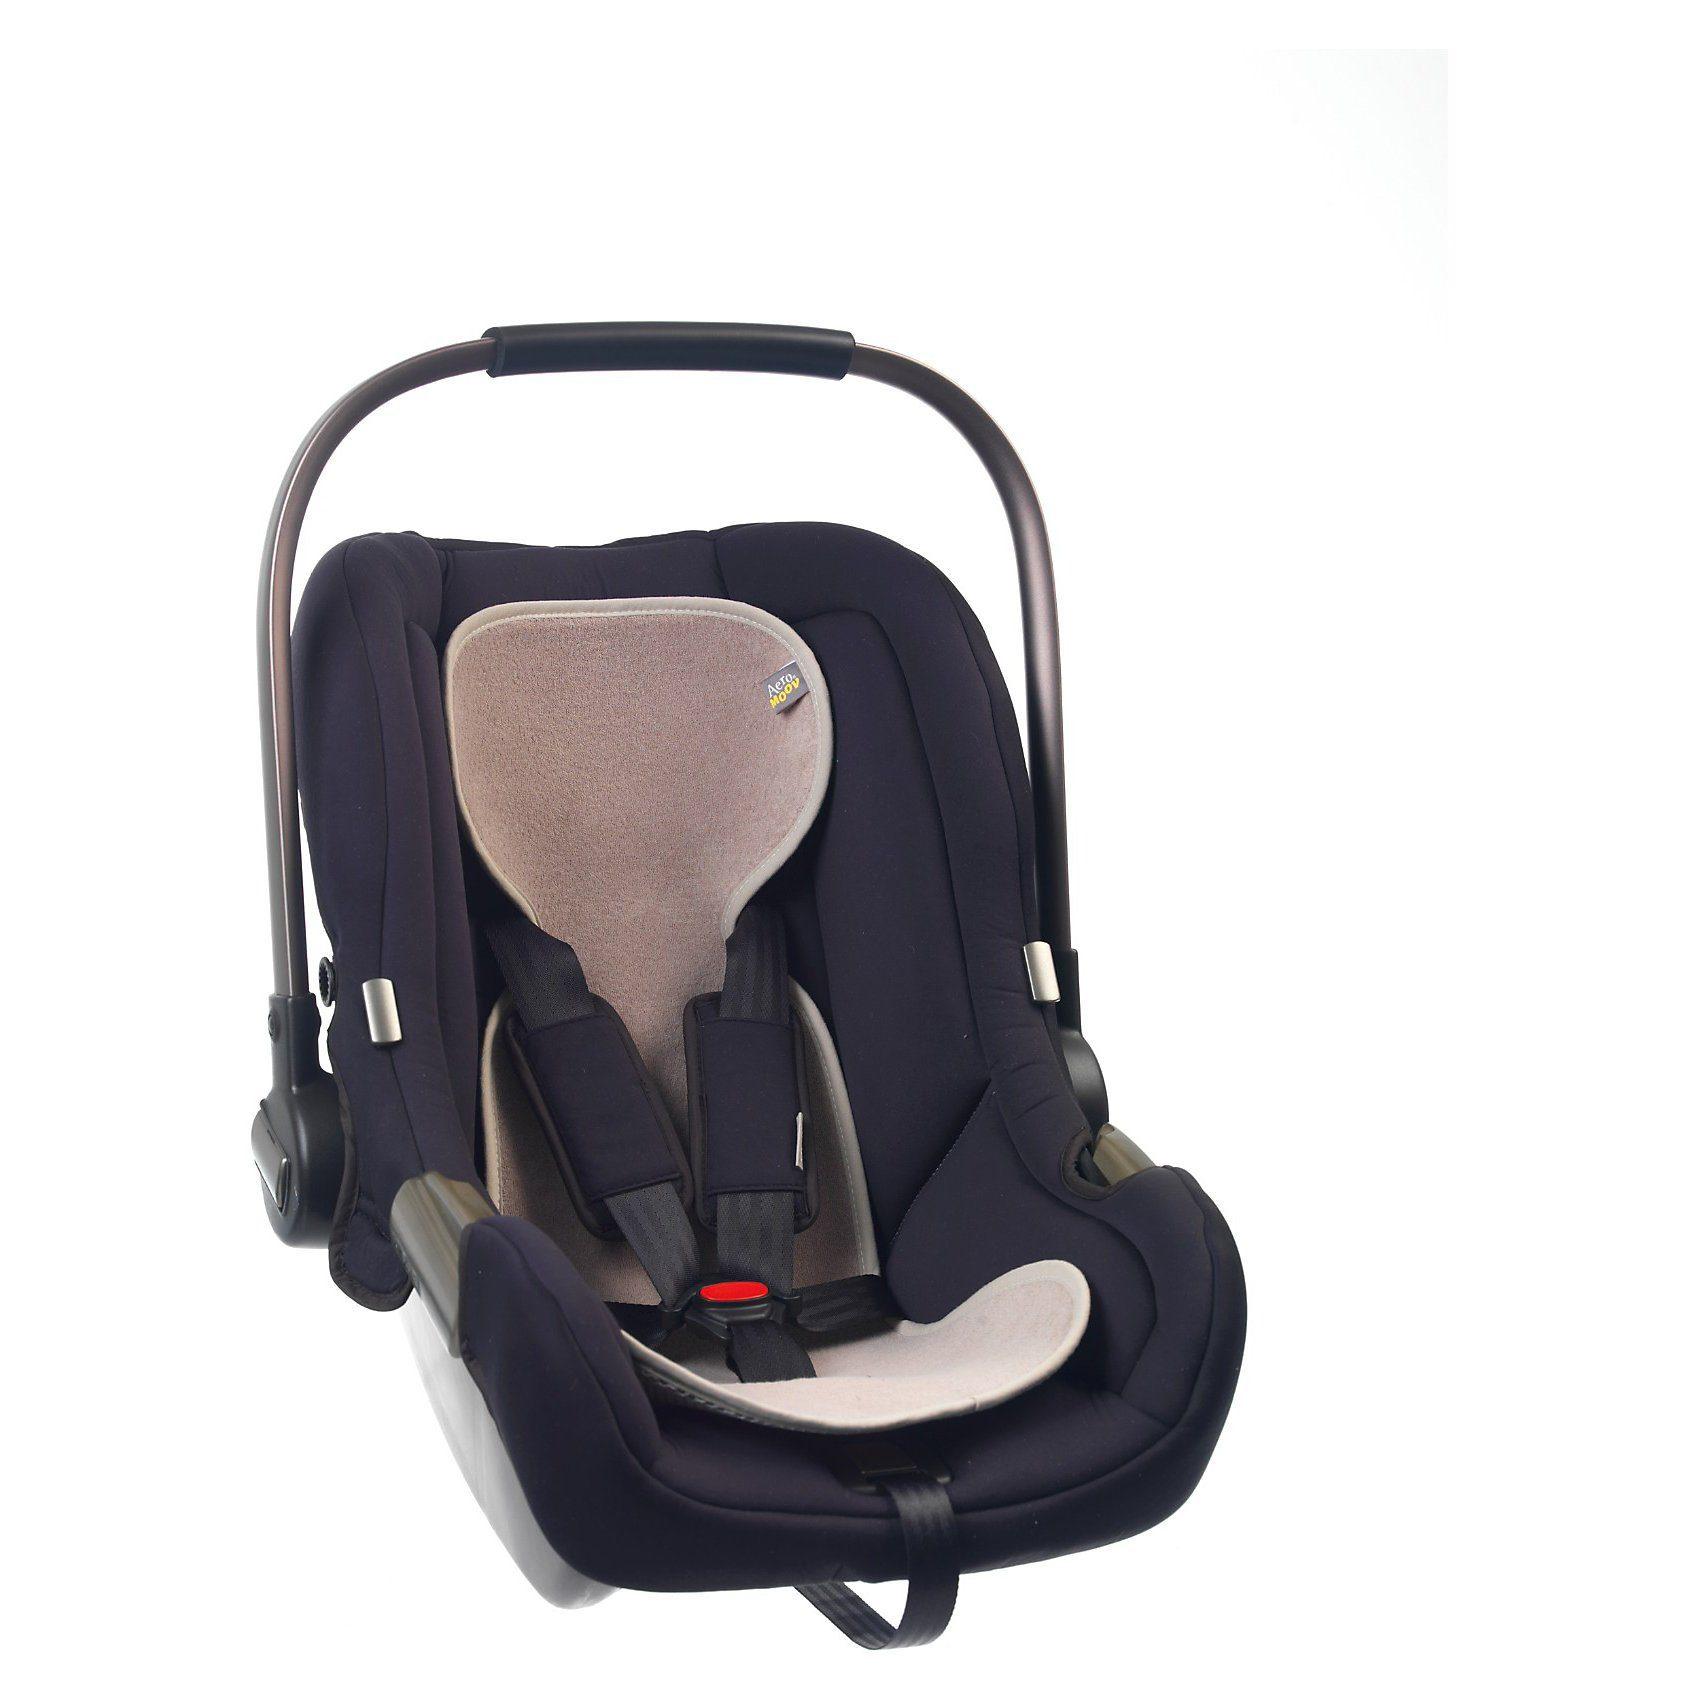 Sitzeinlage AeroMoov air layer für Auto-Kindersitz Gr. 0, sa